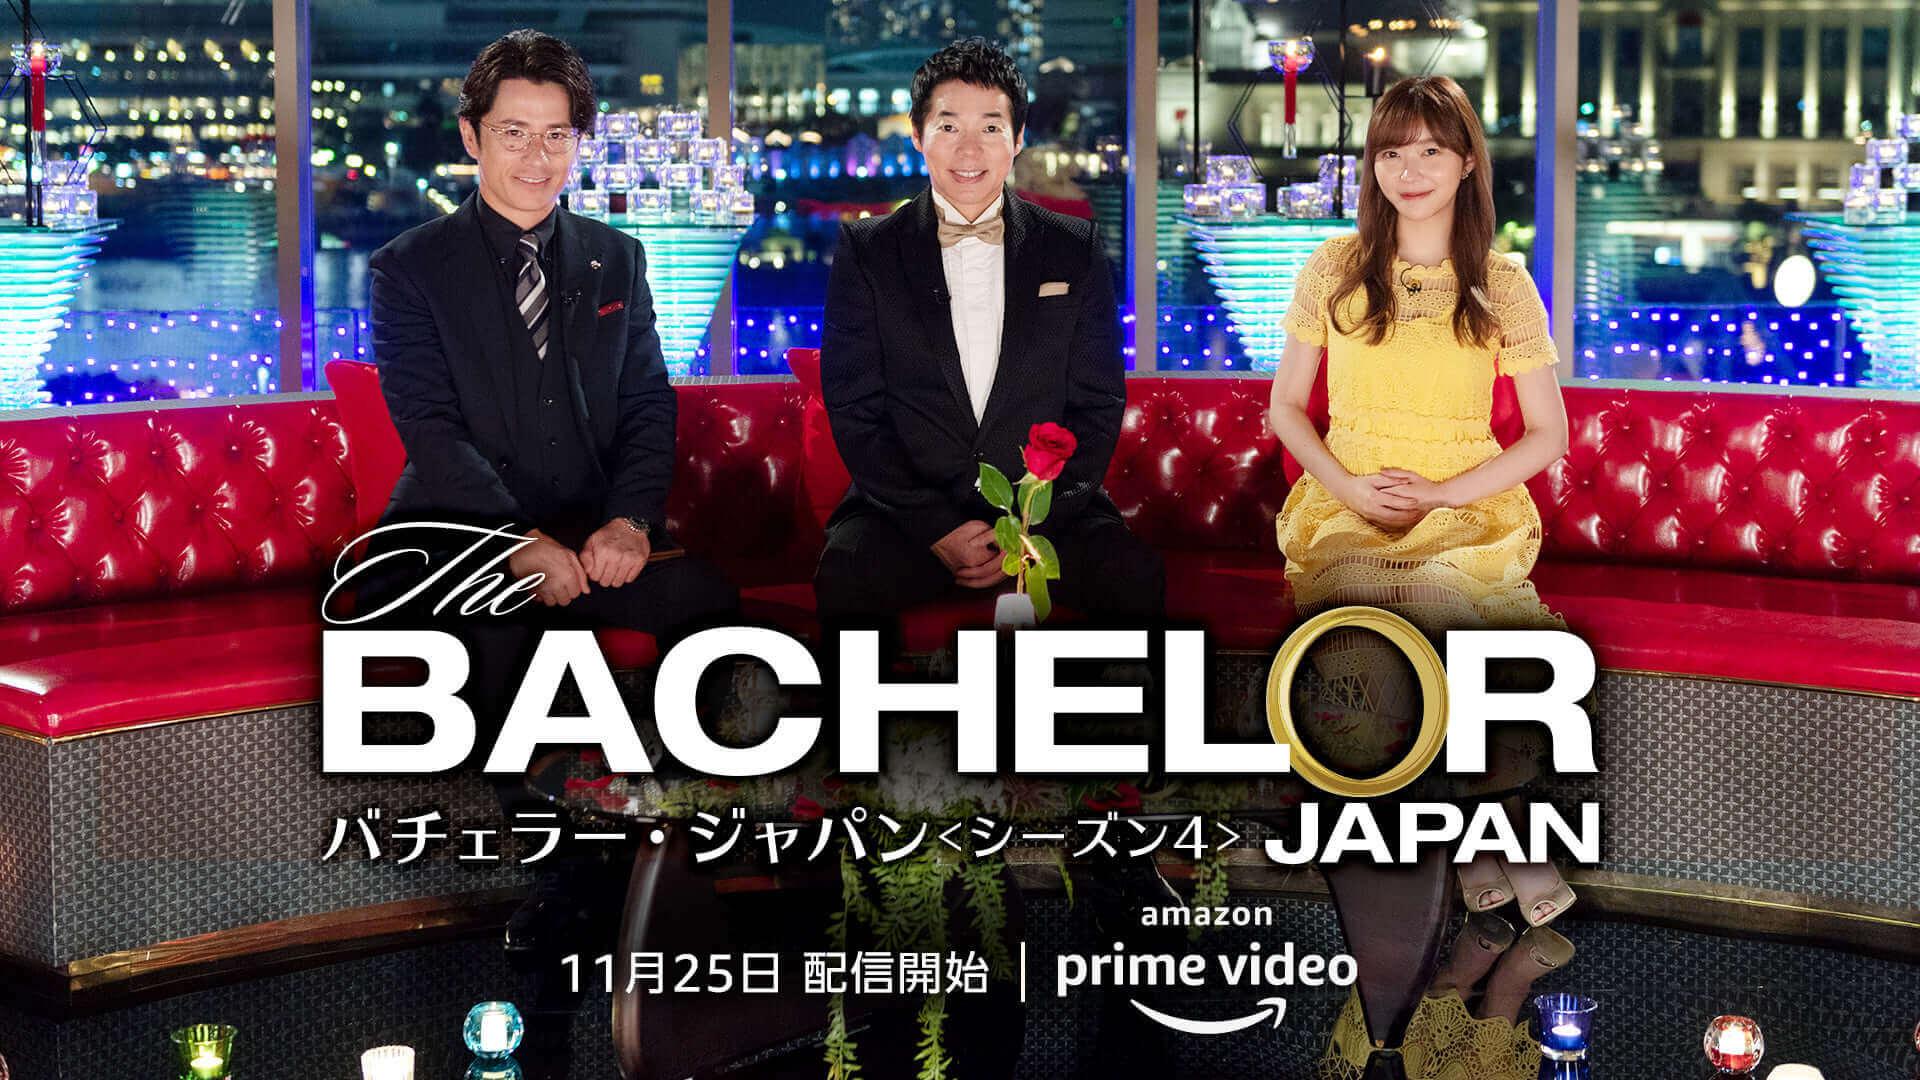 モデル、レディ・ユニバース2020日本代表、医者、経営者など続々登場!『バチェラー・ジャパン』シーズン4の女性参加者15名が一挙発表 art211007_bacelorjapan_17